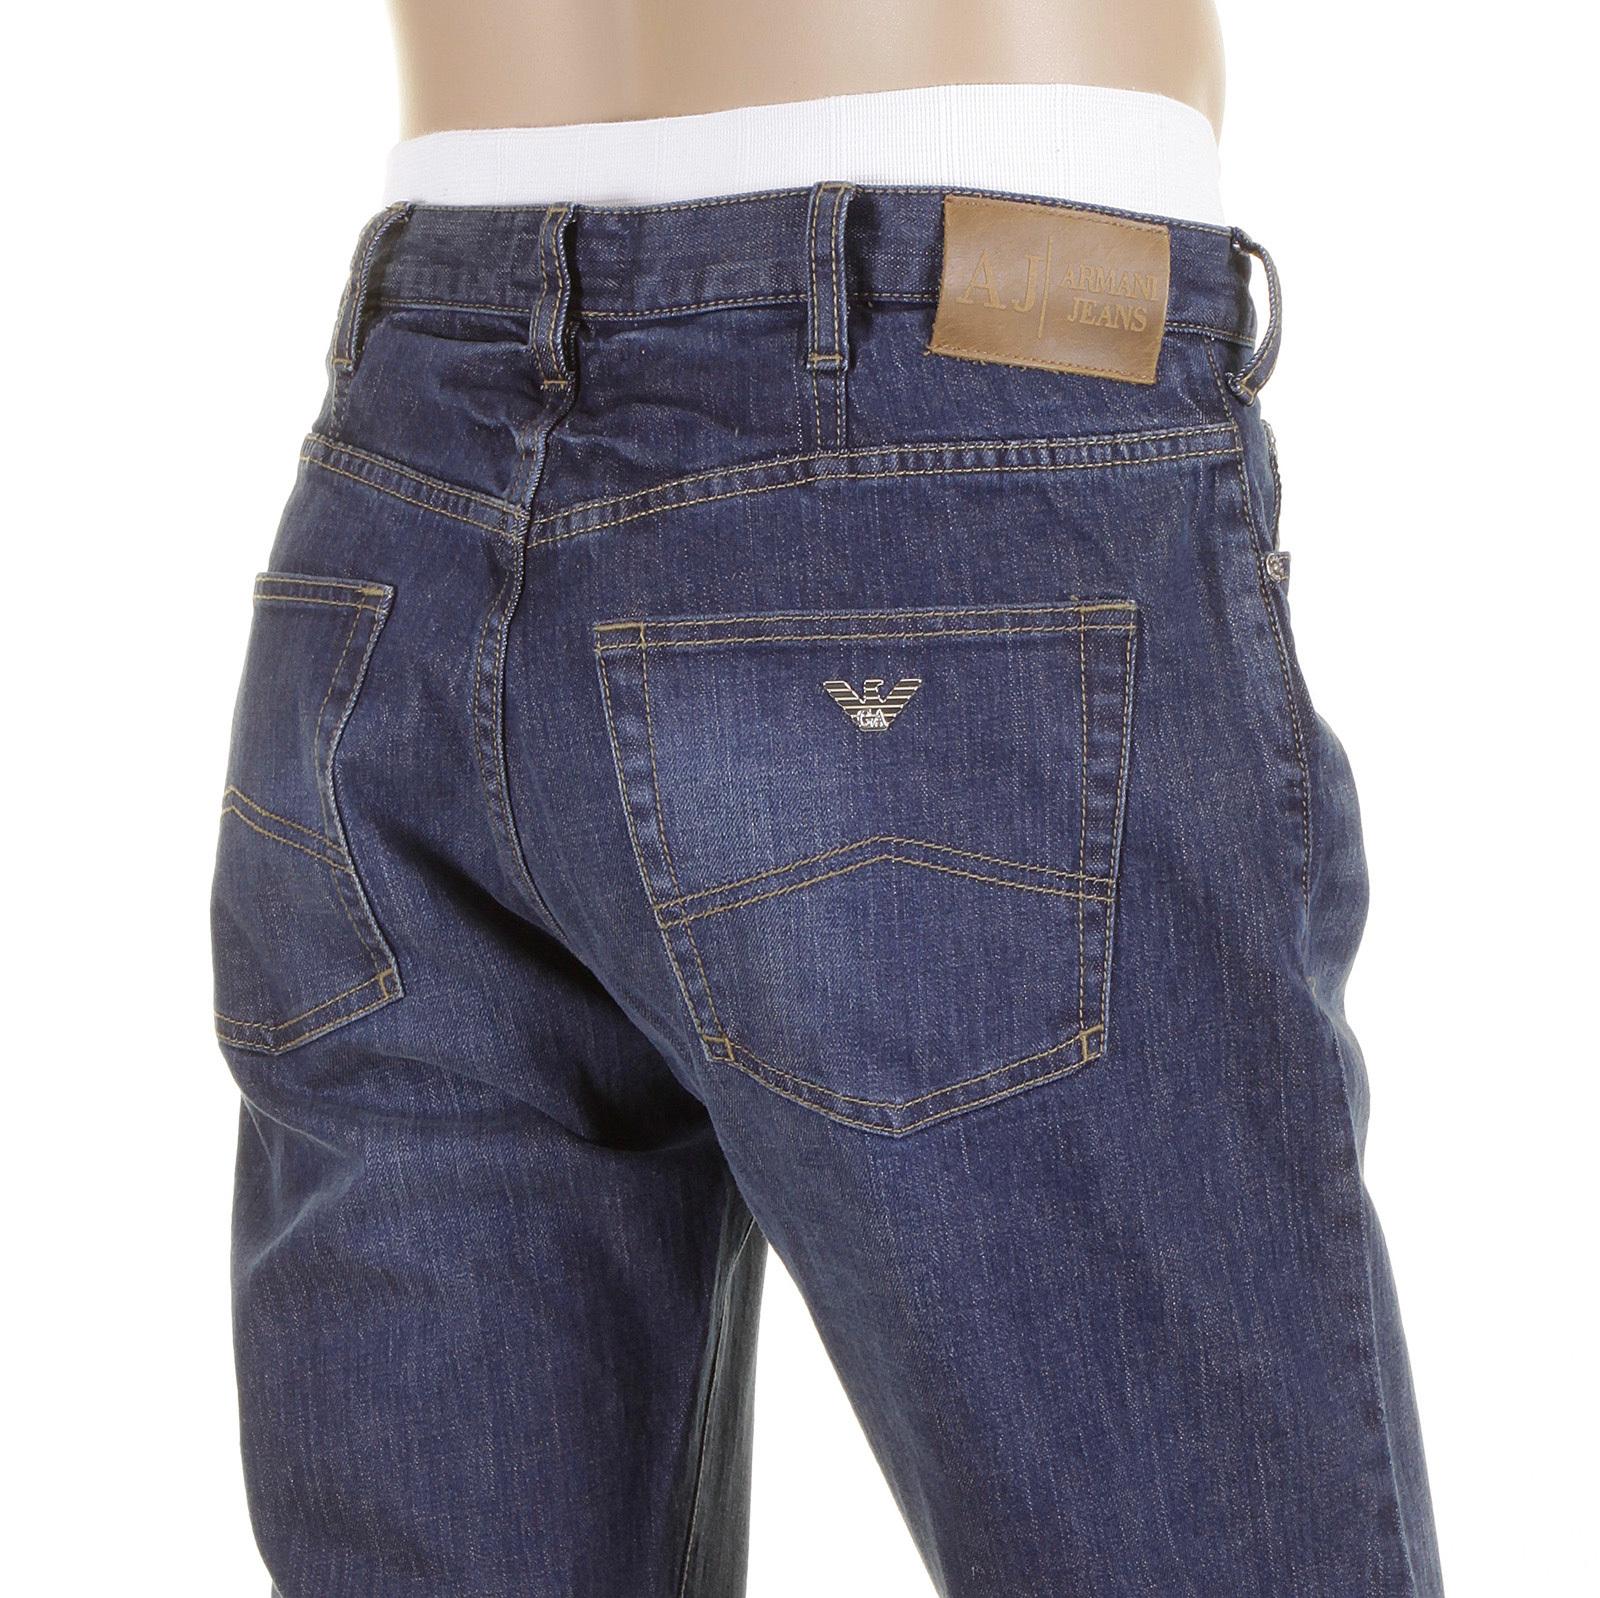 9aa009cd7a Jeans Armani Jeans J21 denim jeans stonewashed denim jean 06J21 3M AJM5368